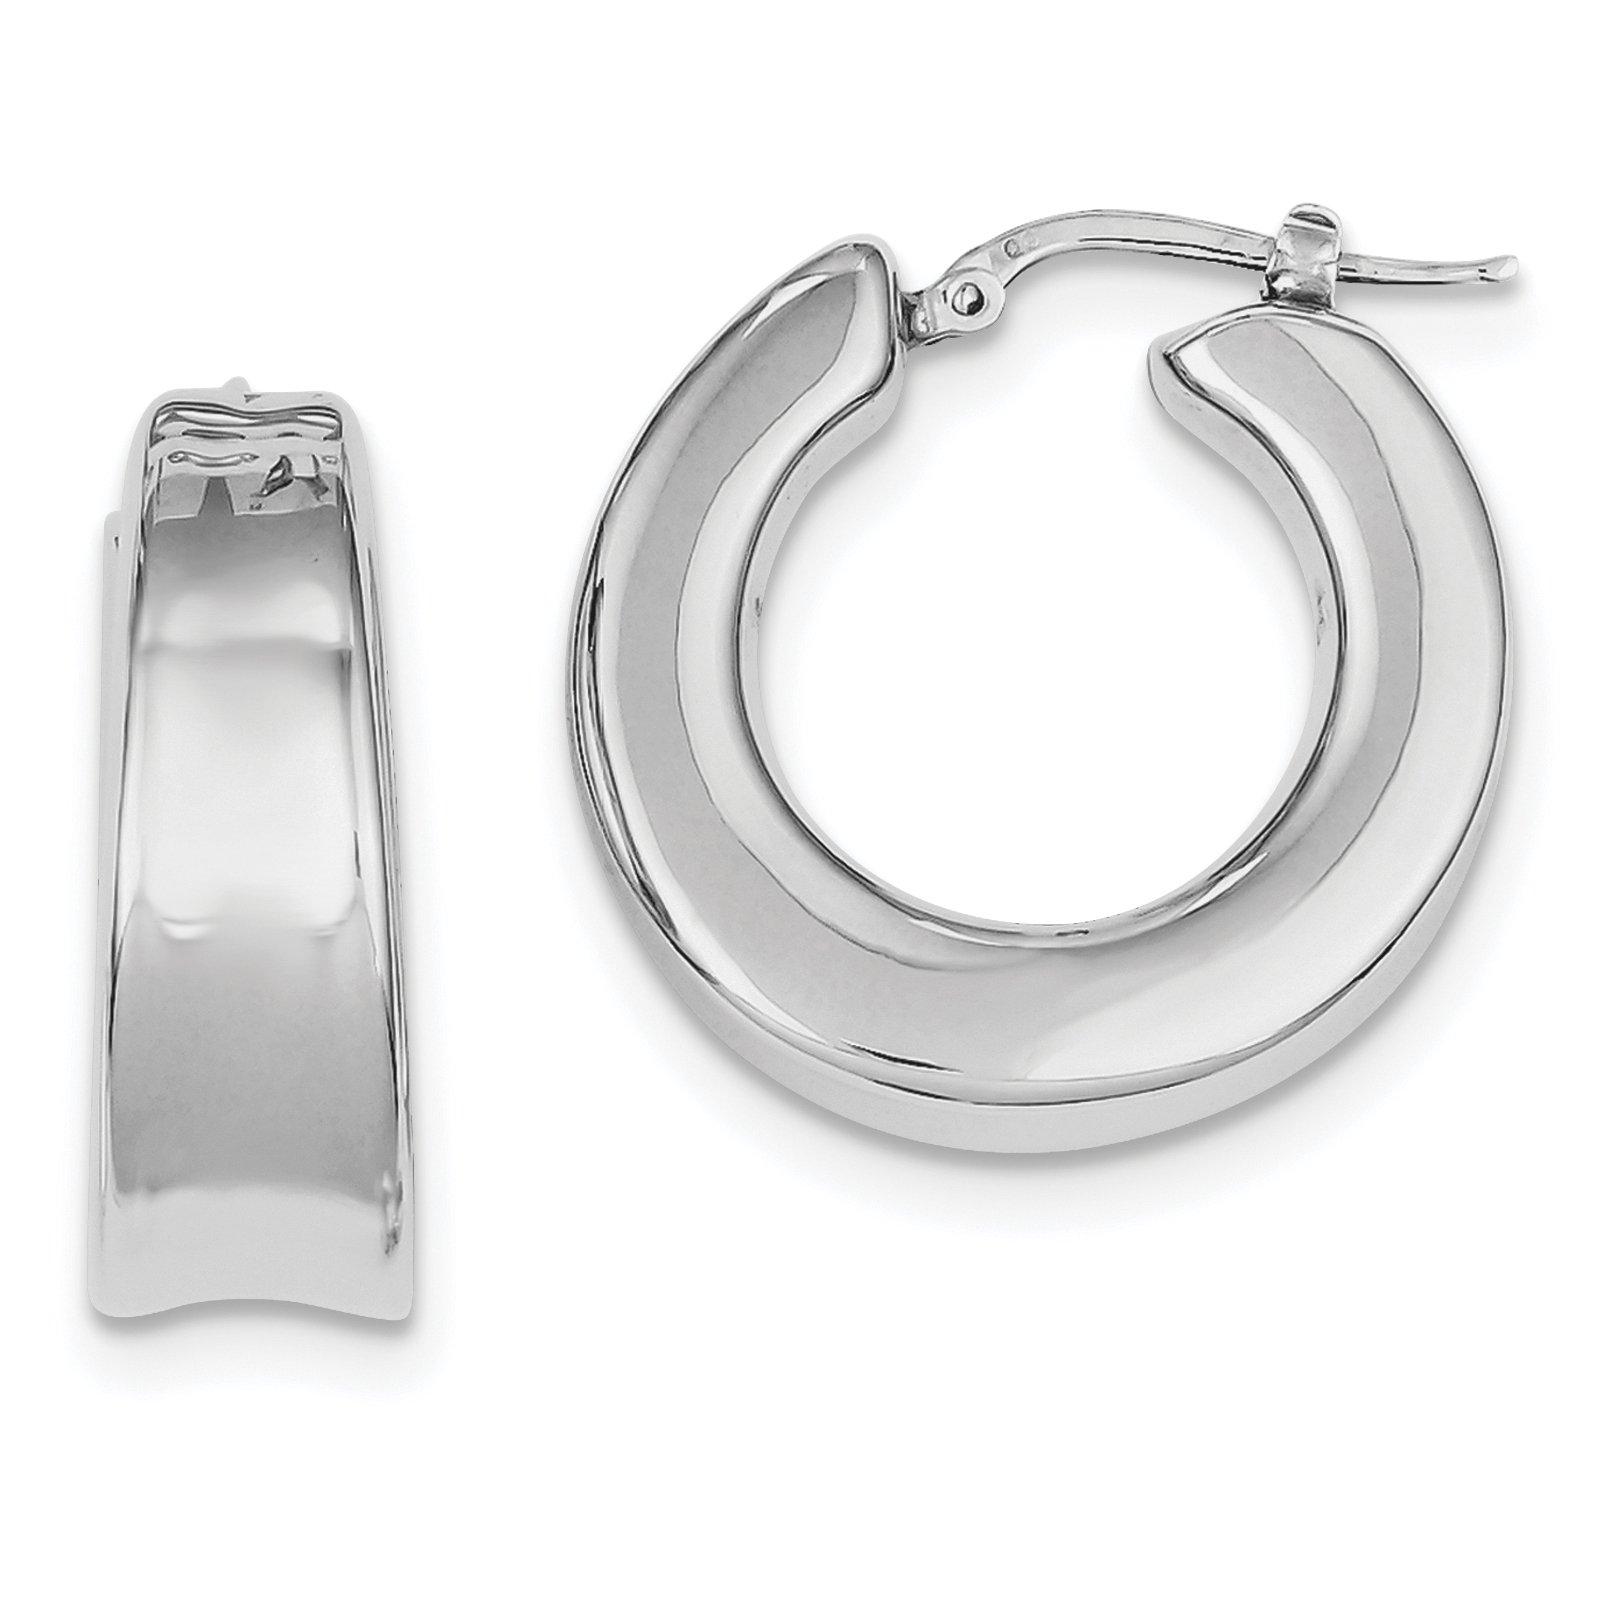 ICE CARATS 925 Sterling Silver Hoop Earrings Ear Hoops Set Fine Jewelry Gift Set For Women Heart